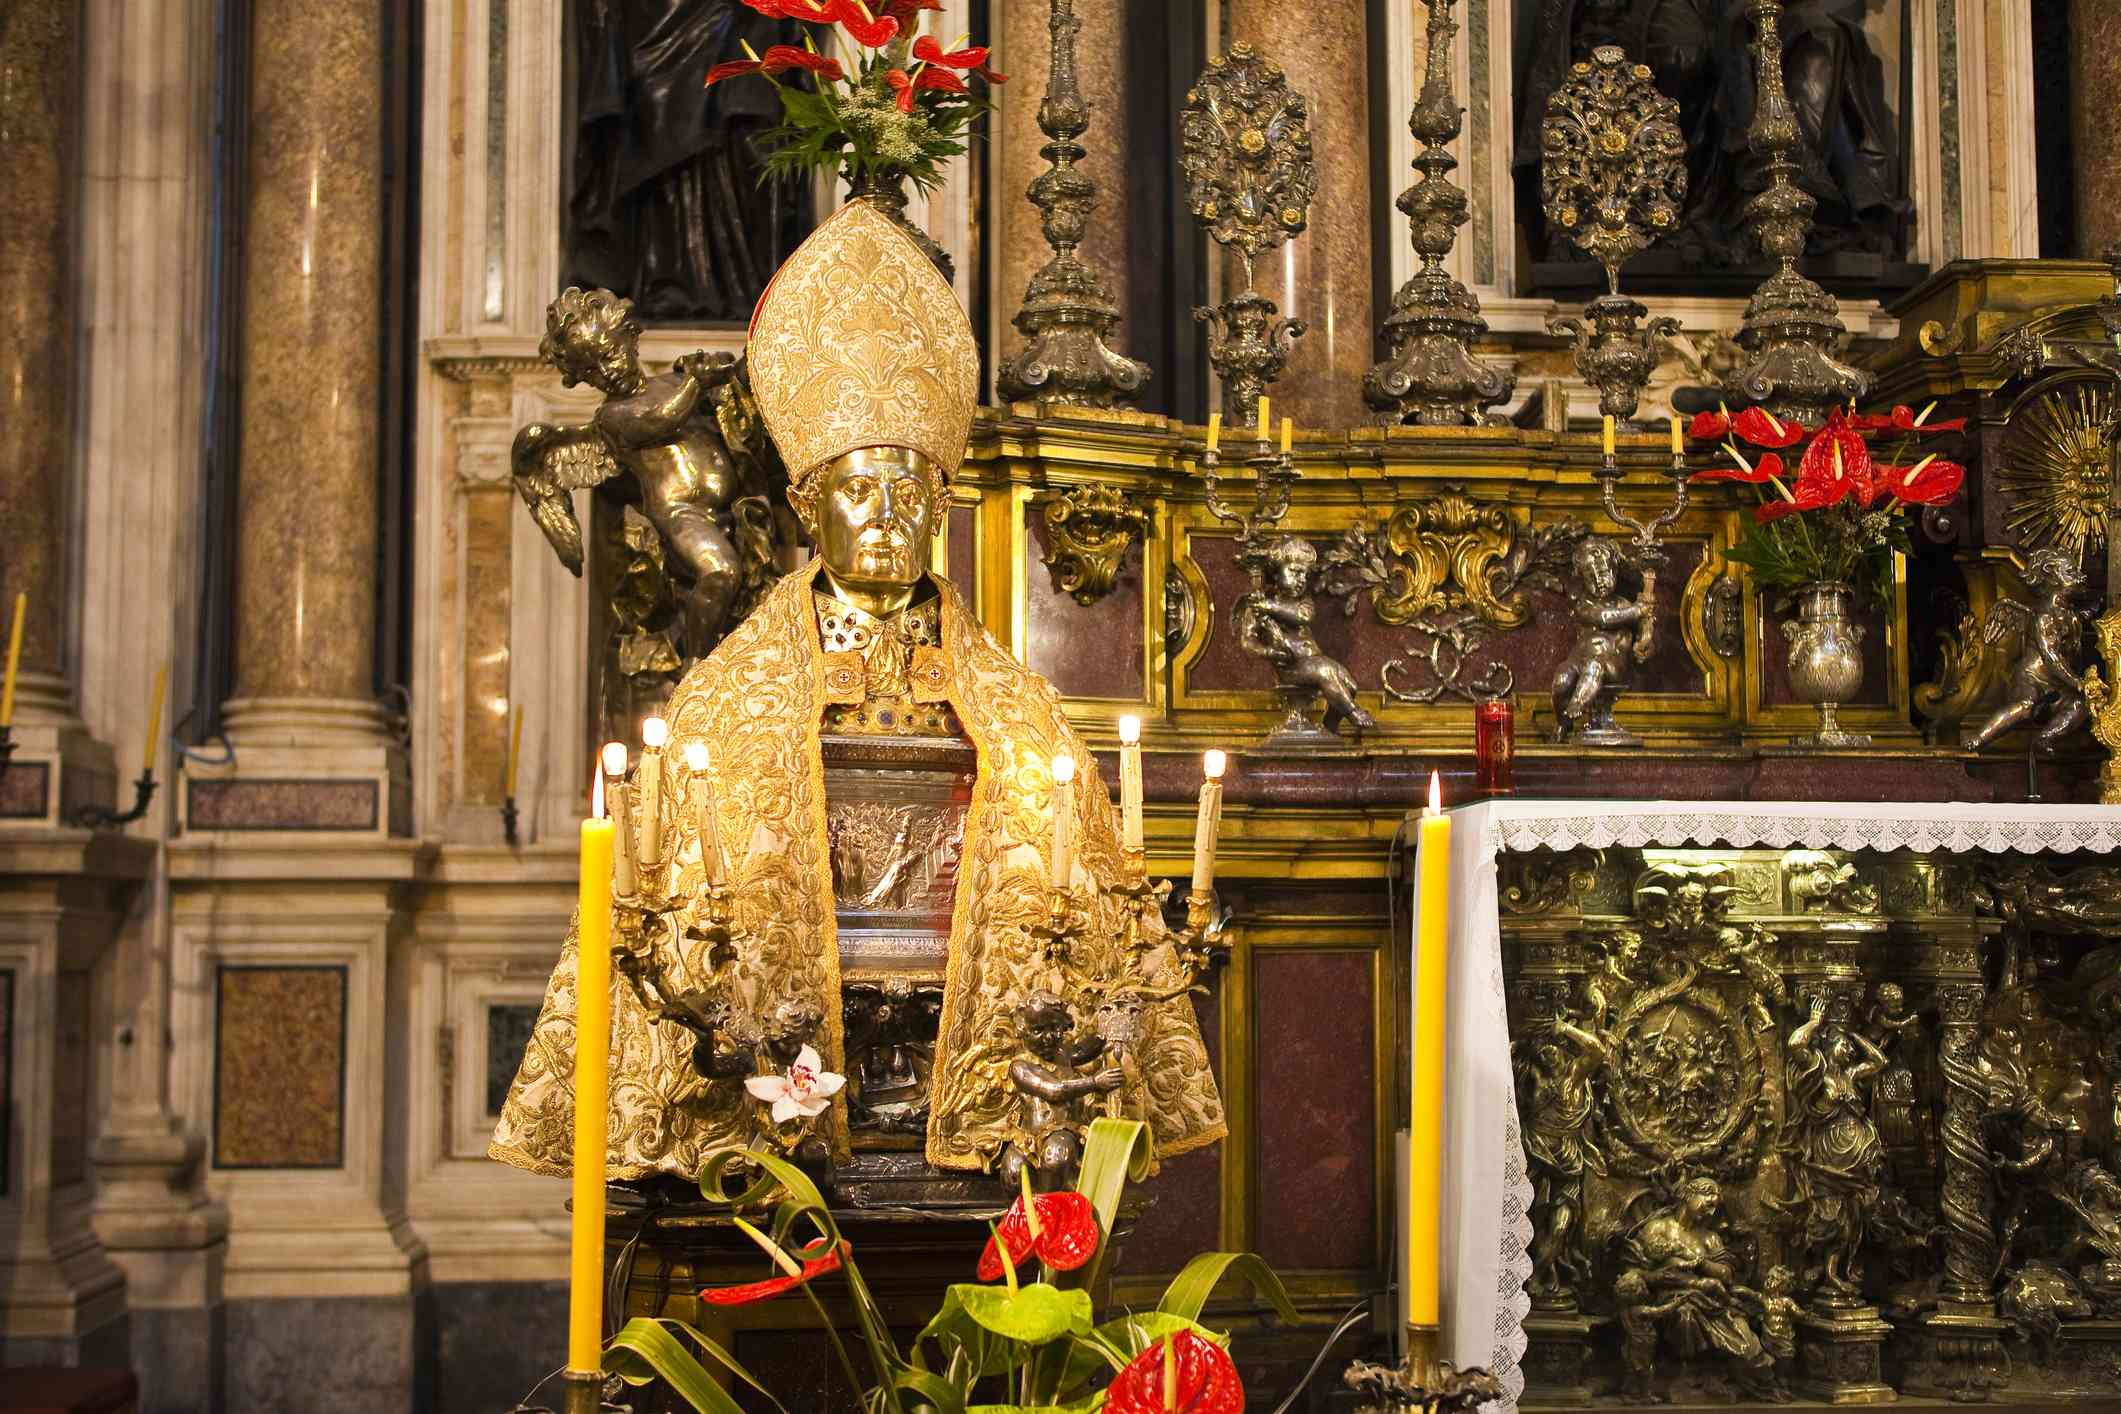 Statue of San Gennaro in Naples Duomo